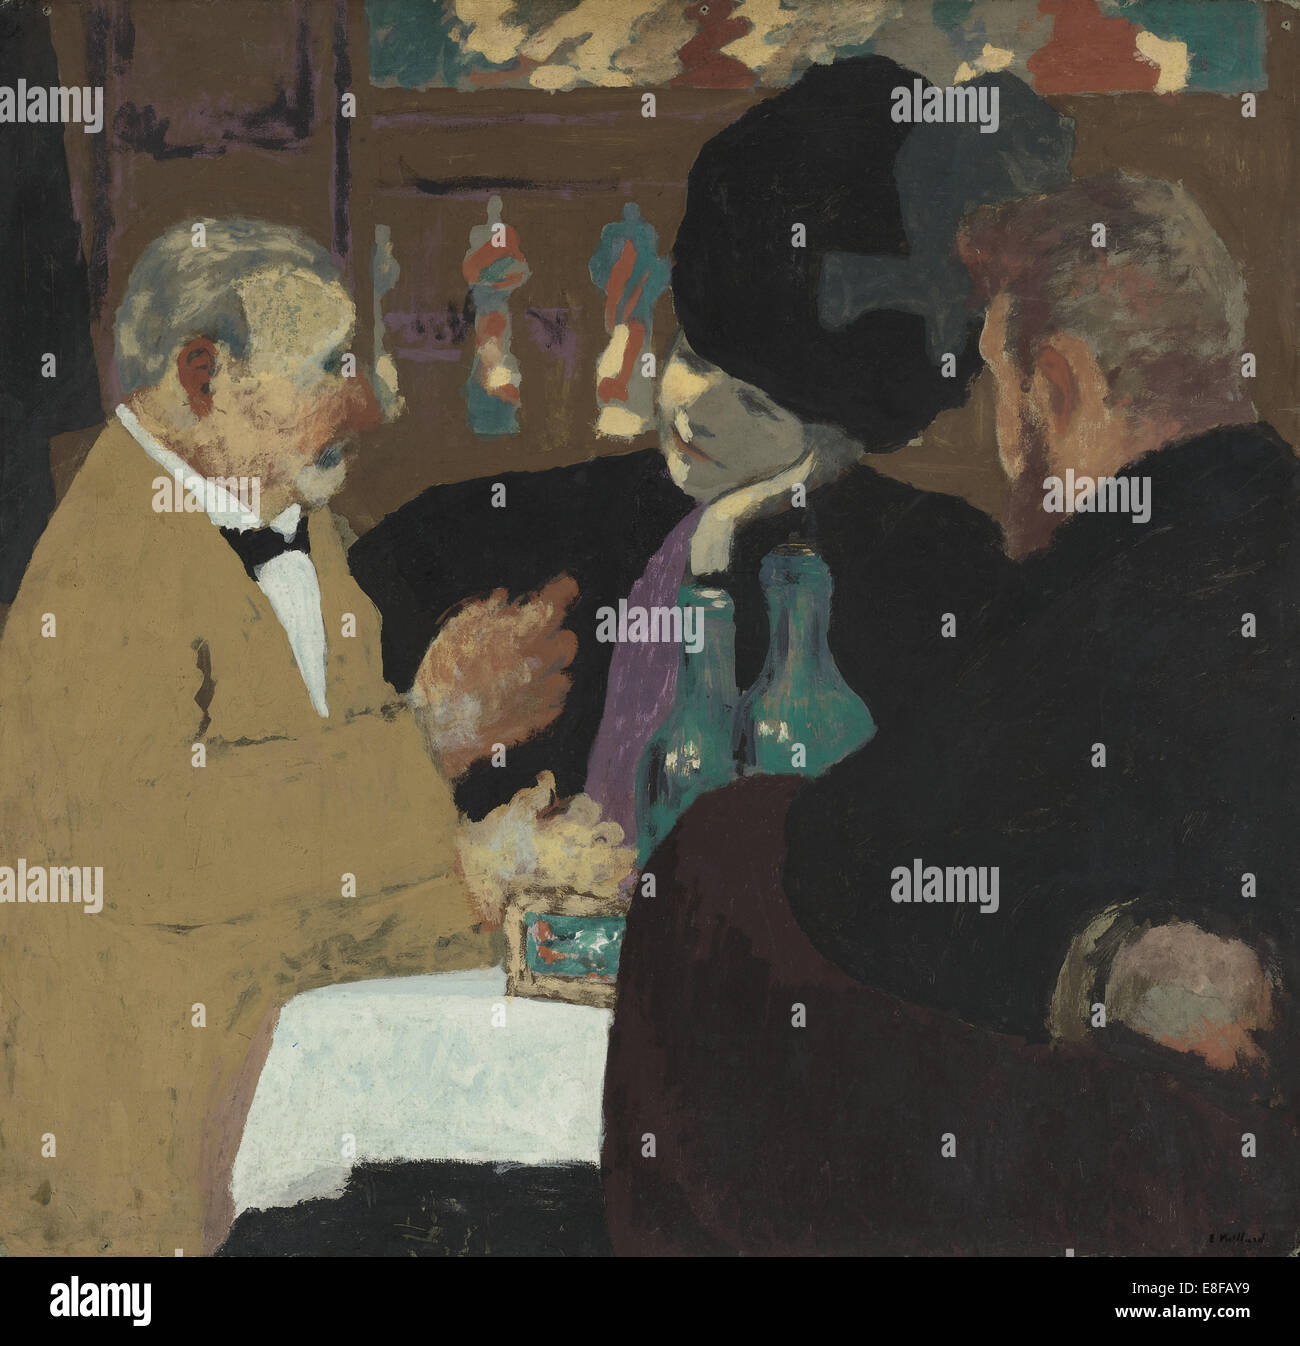 A Pleasure. Artist: Vuillard, Édouard (1868-1940) - Stock Image